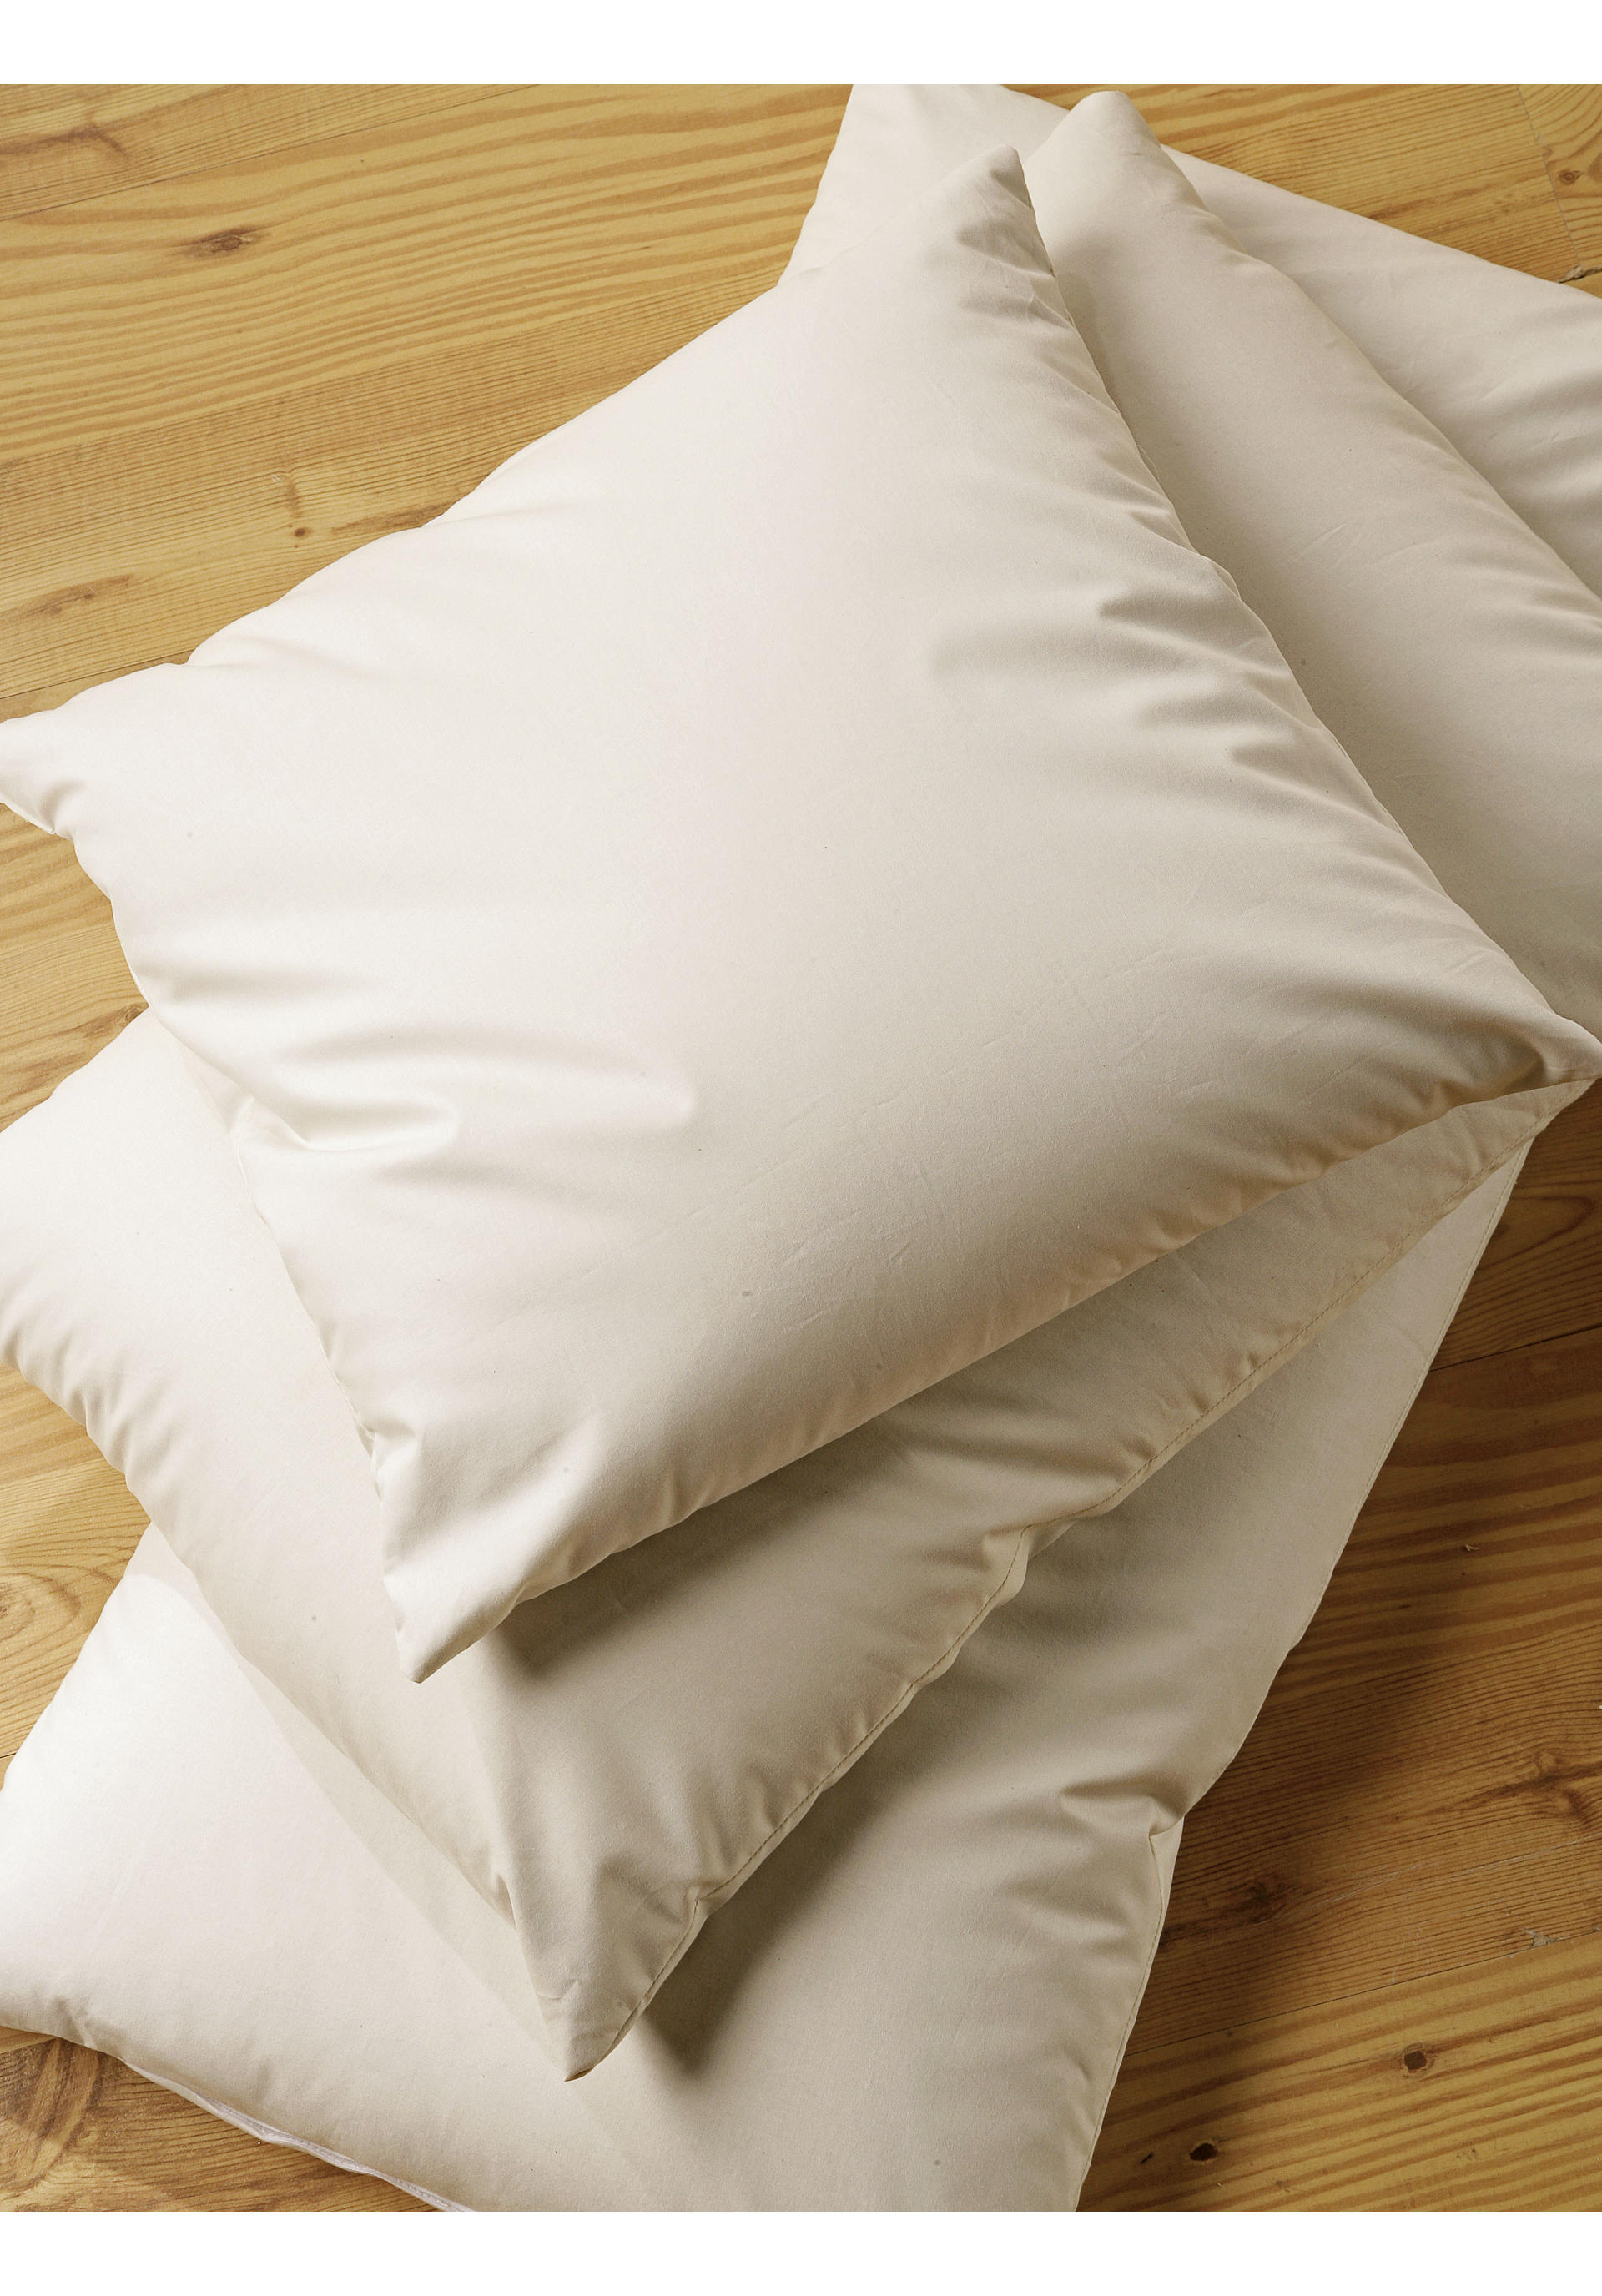 welche kissen sind gut f r den nacken schlafzimmer segm ller taubenblau wie w scht man daunen. Black Bedroom Furniture Sets. Home Design Ideas